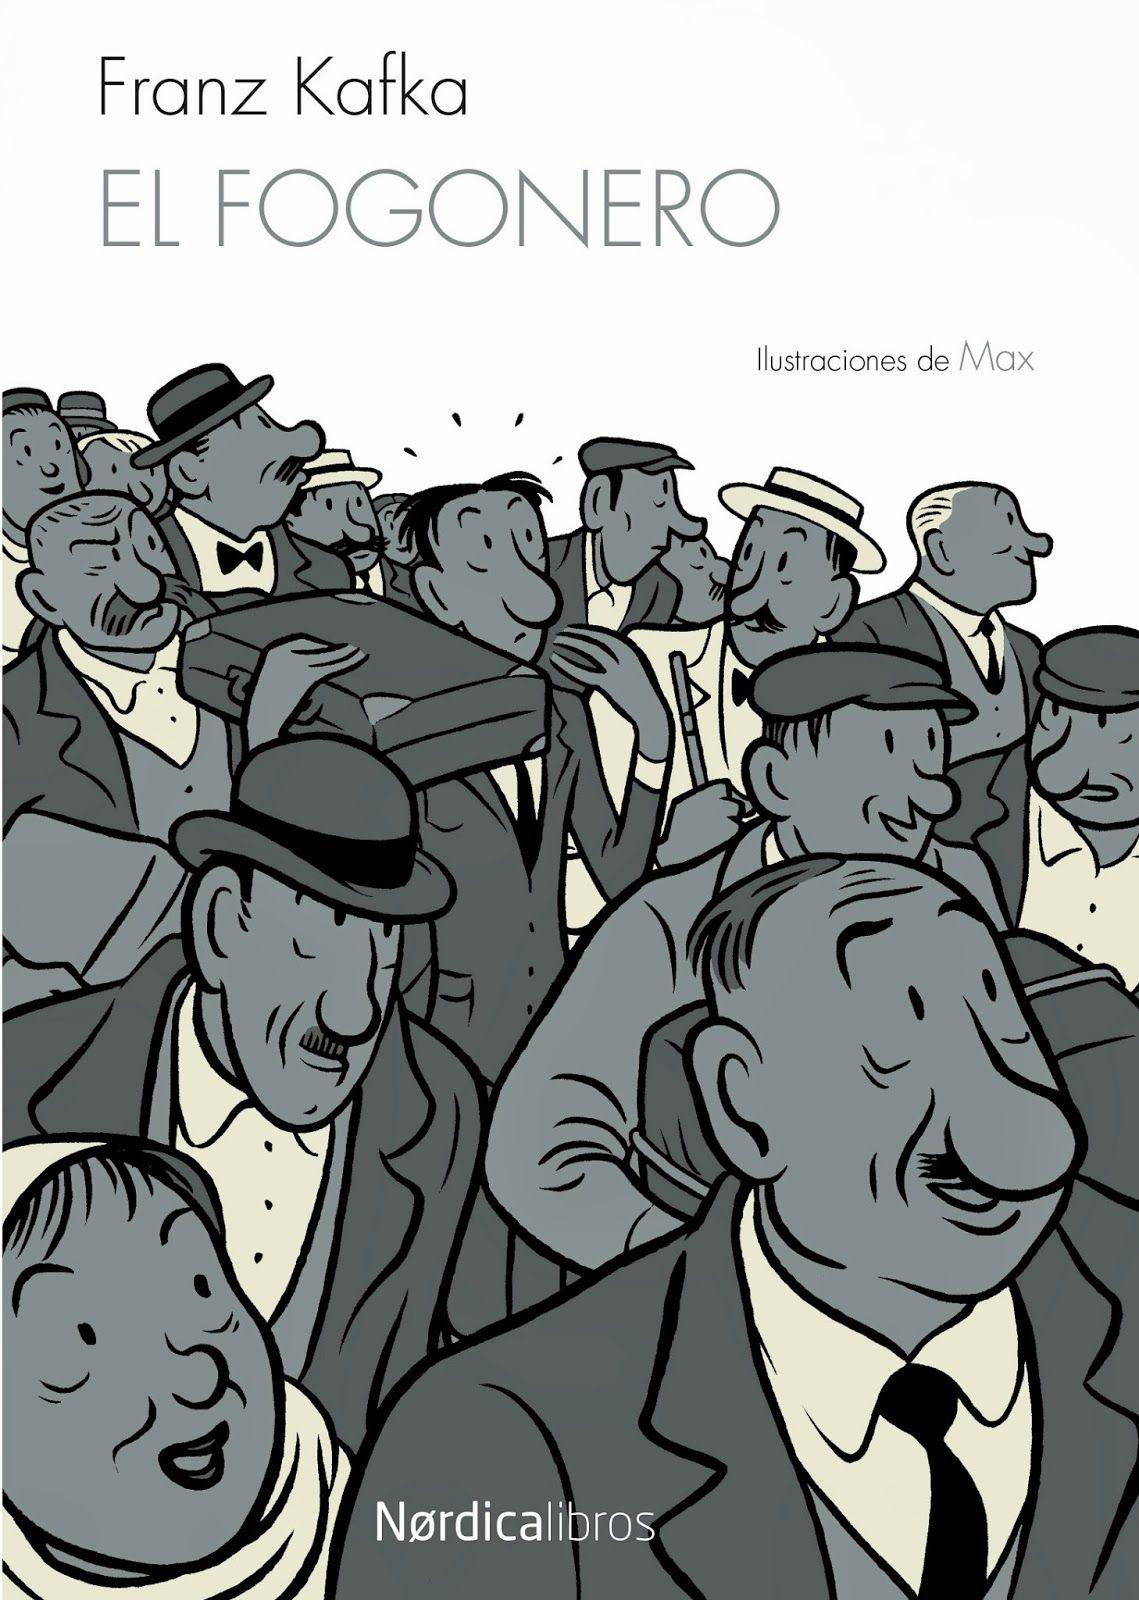 «El fogonero», que ahora edita @Nordica_Libros con dibujos de Max, es un relato de Kafka que luego sirvió al autor como primer capítulo de su inacabada novela «América». Nórdica Libros http://www.veniracuento.com/